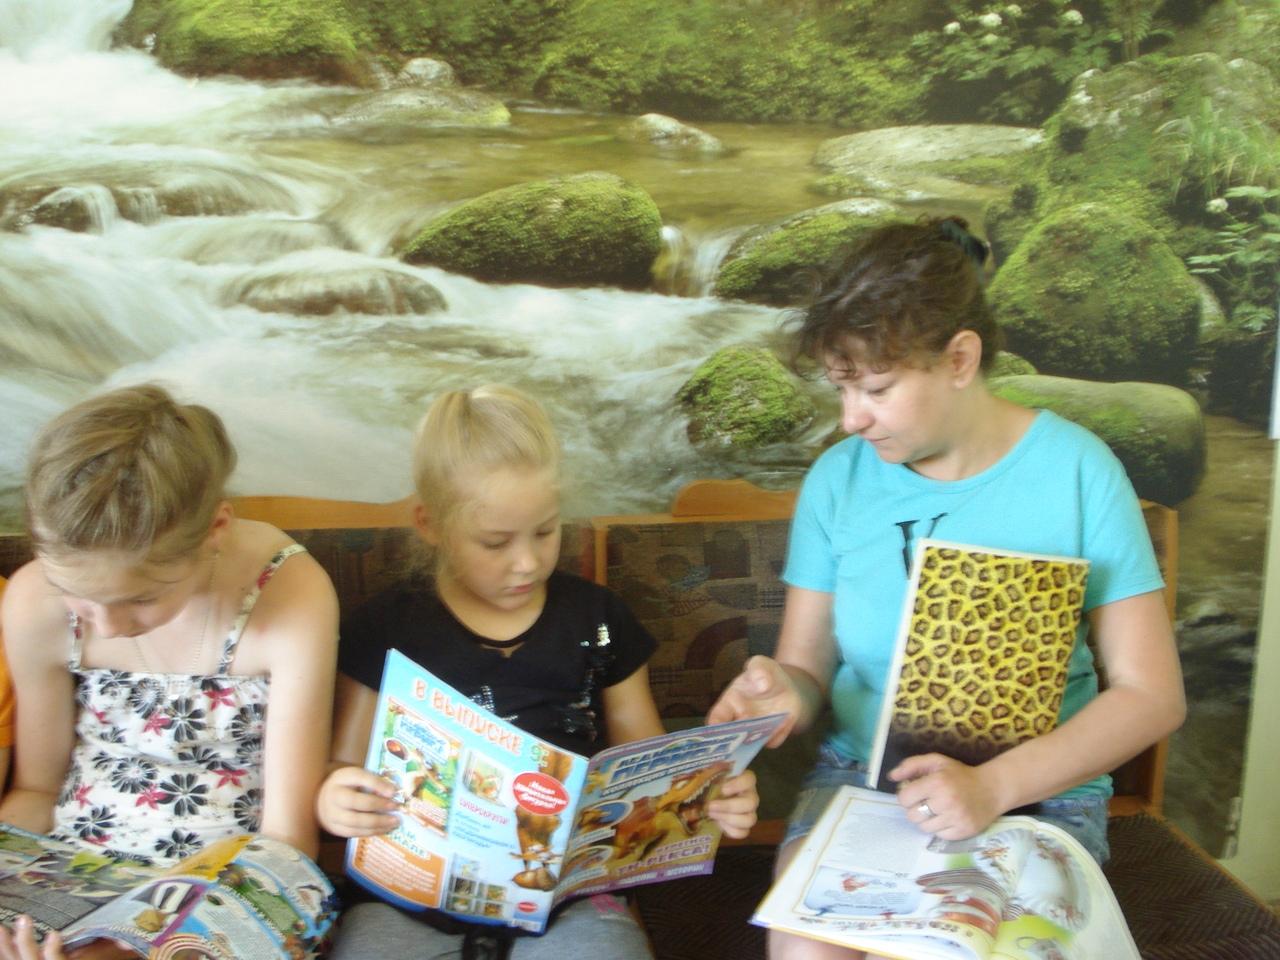 Донецкая республиканская библиотека для детей, отдел обслуживания учащихся 5-9 классов, день экологии, мир животных и птиц